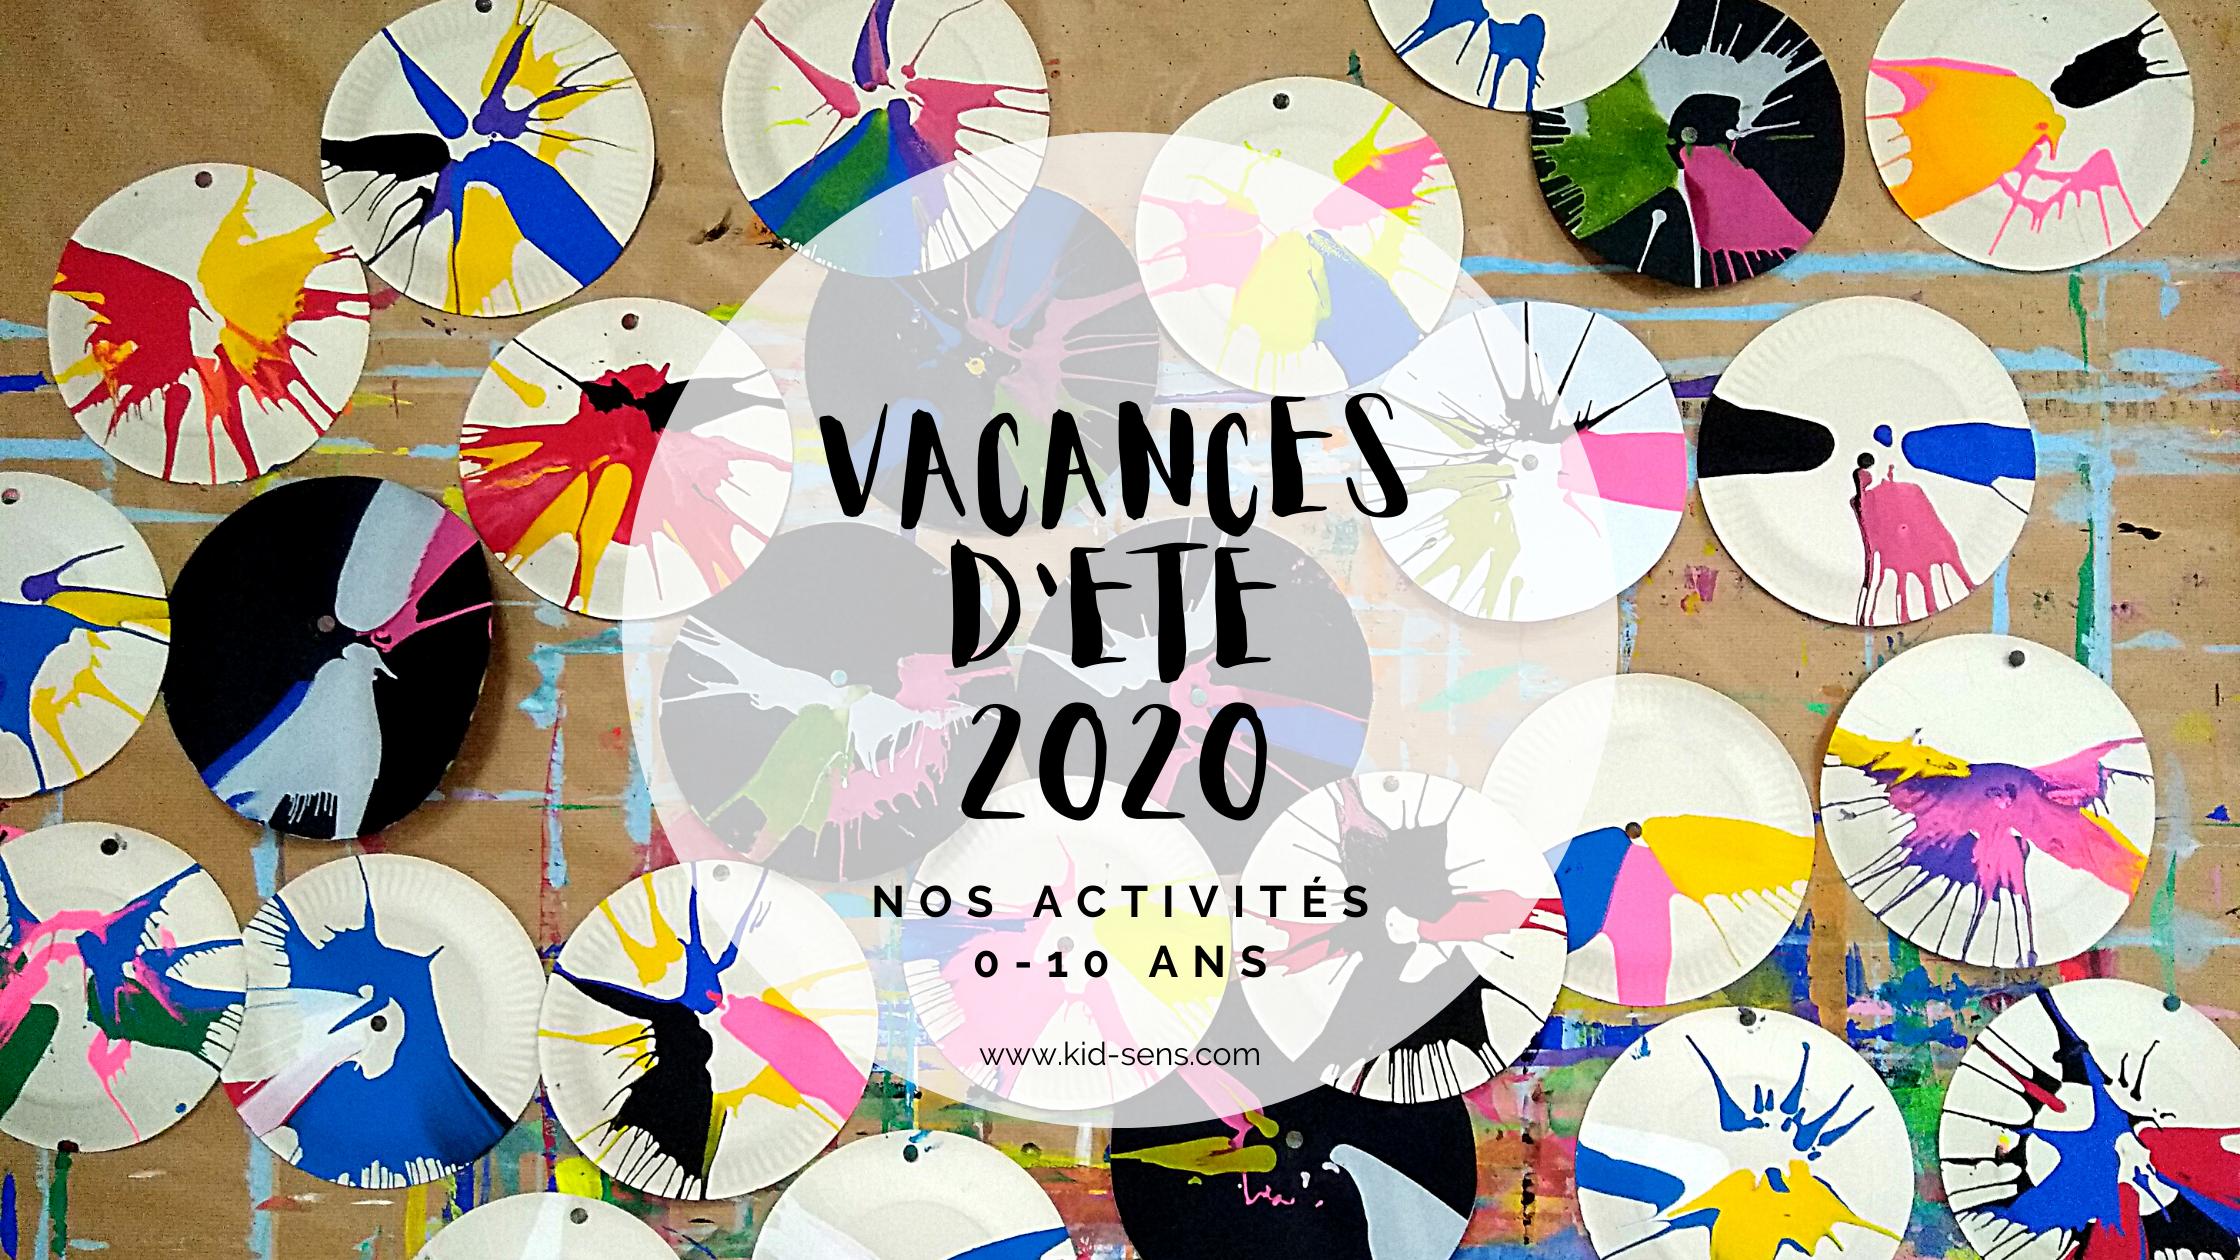 Vacances d'été 2020 pour vos enfants à Aix en Provence